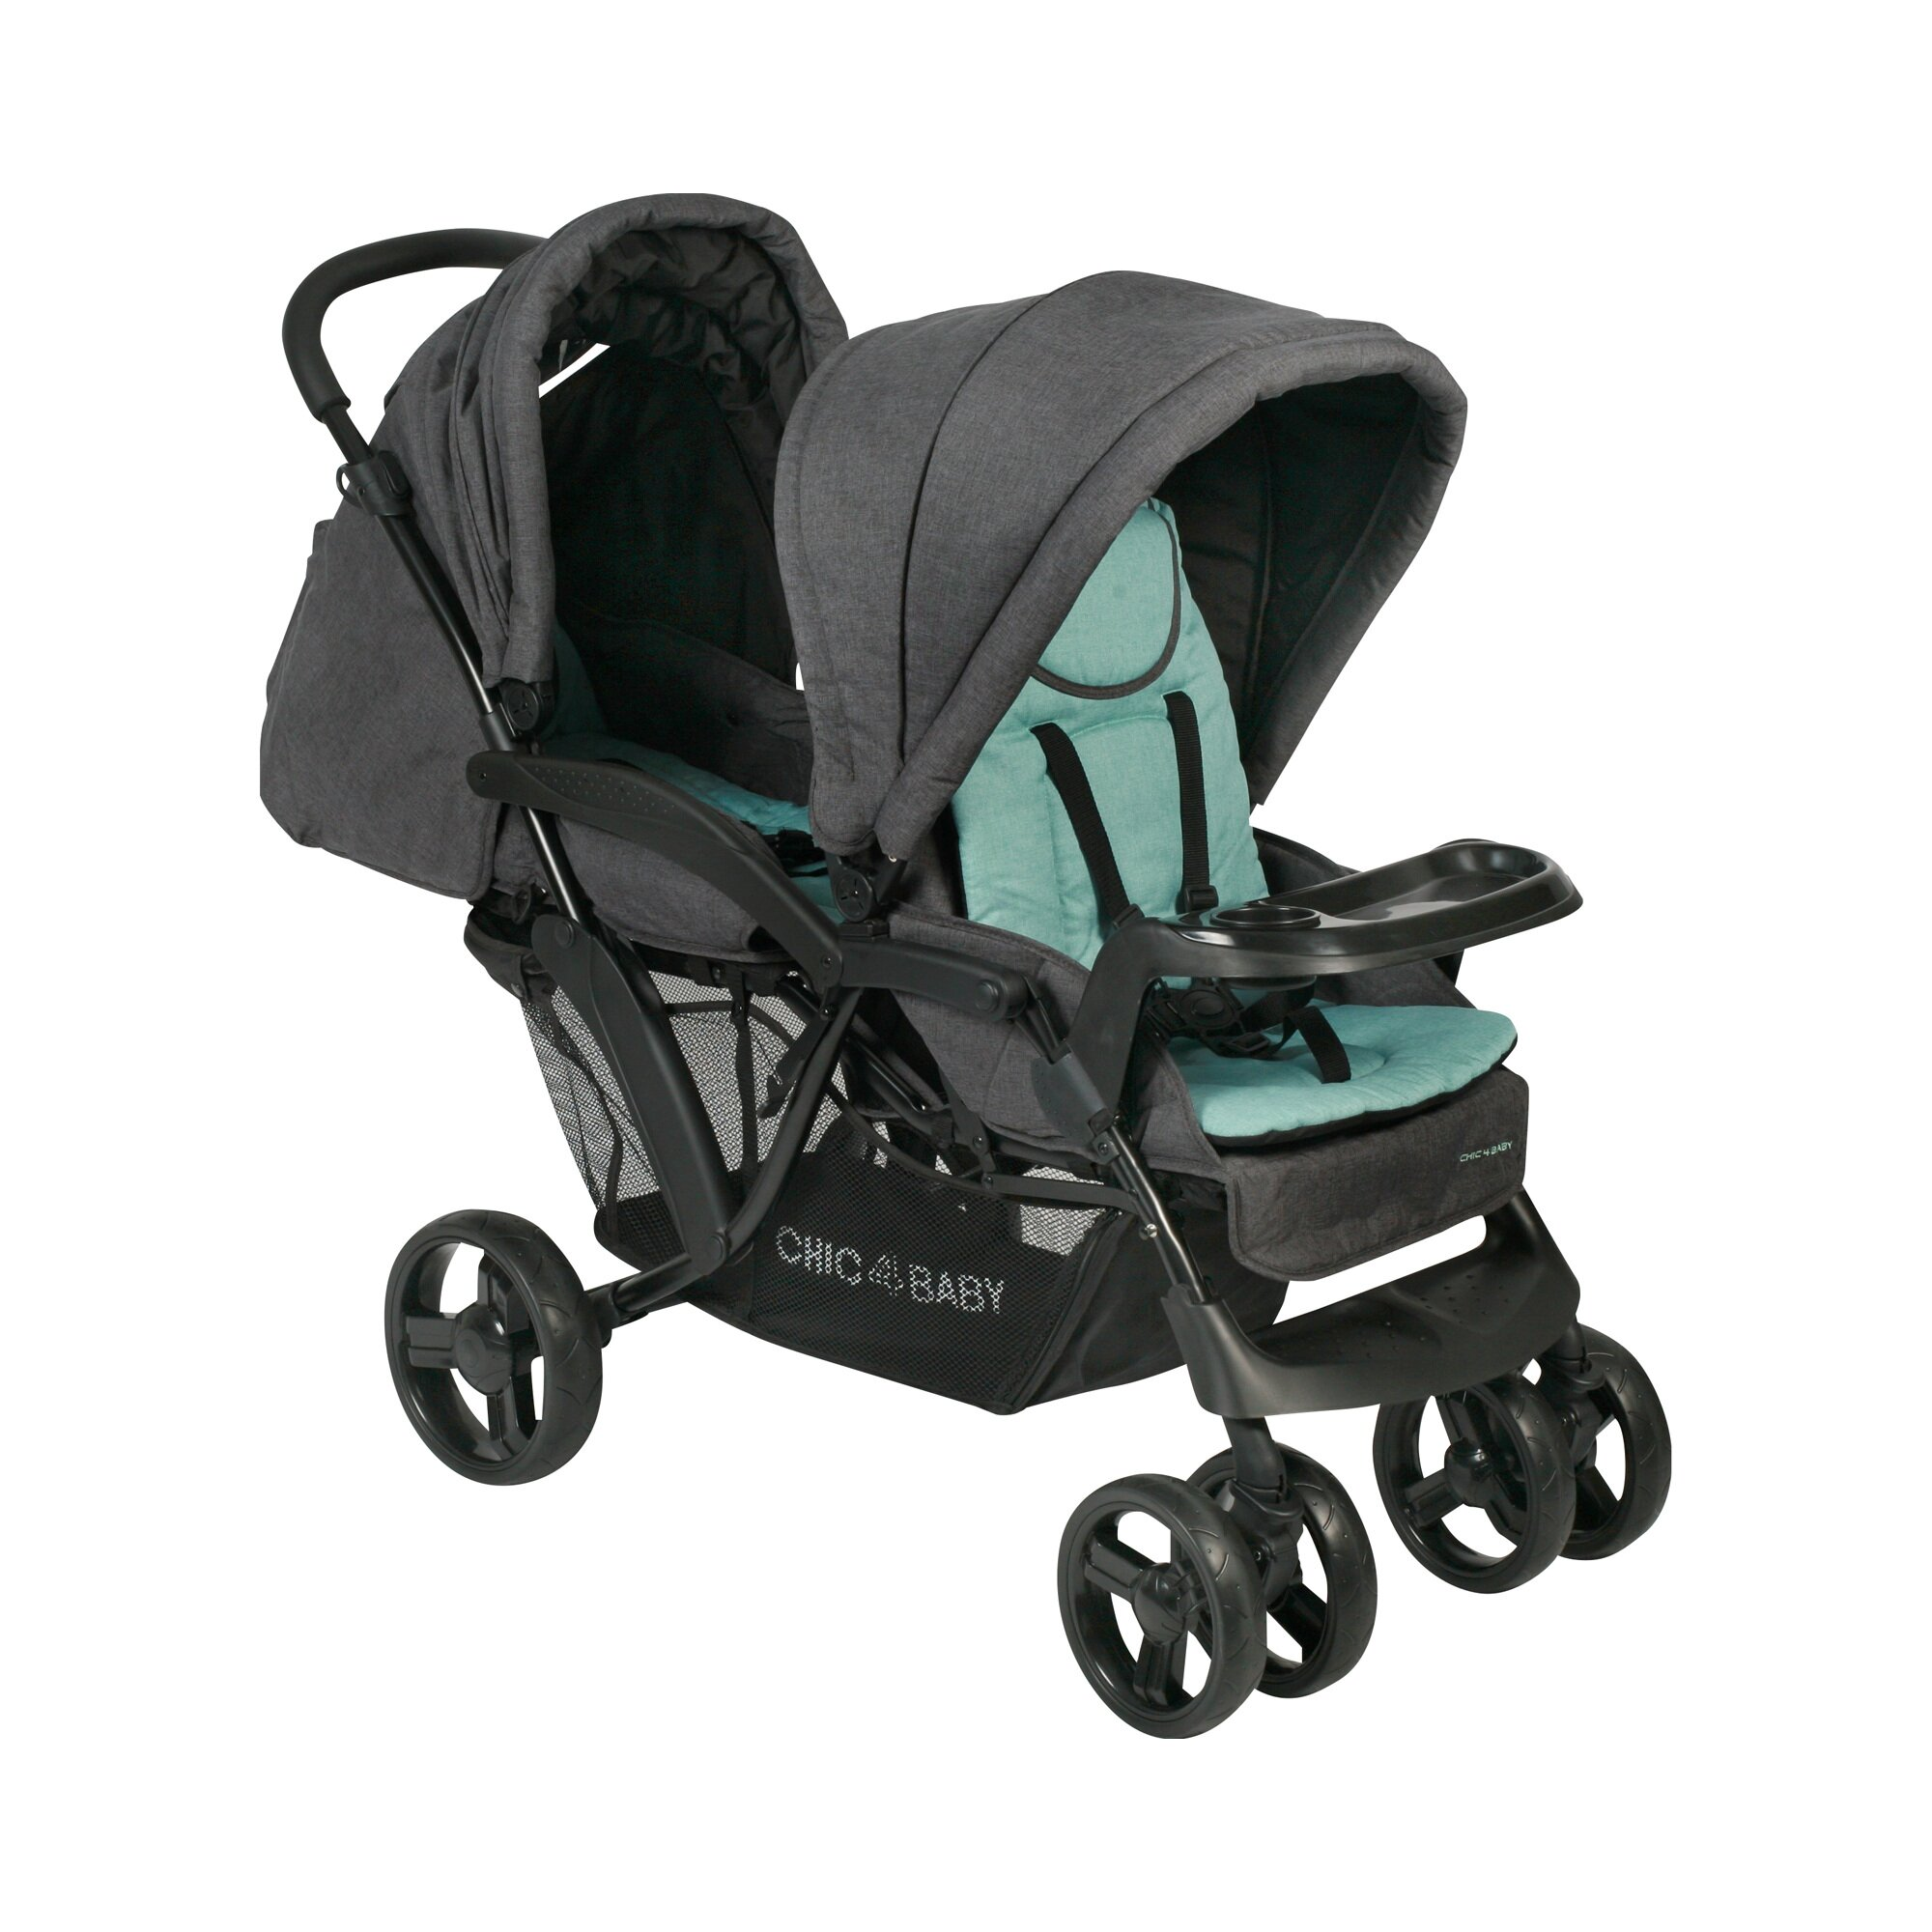 chic-4-baby-doppio-zwillings-und-kinderwagen-geschwisterwagen